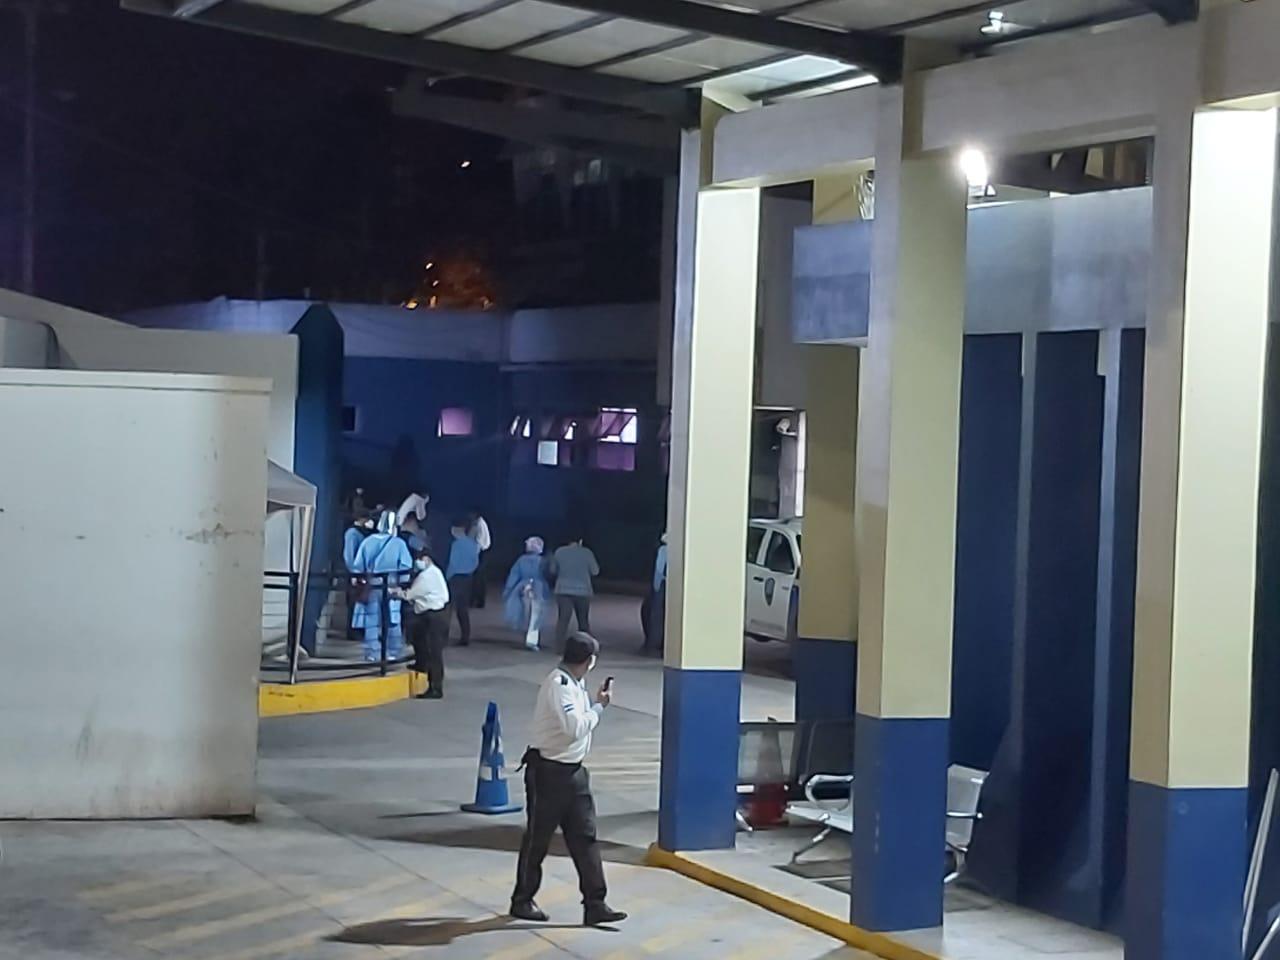 Balacera deja una mujer y un policía heridos en la capital hondureña